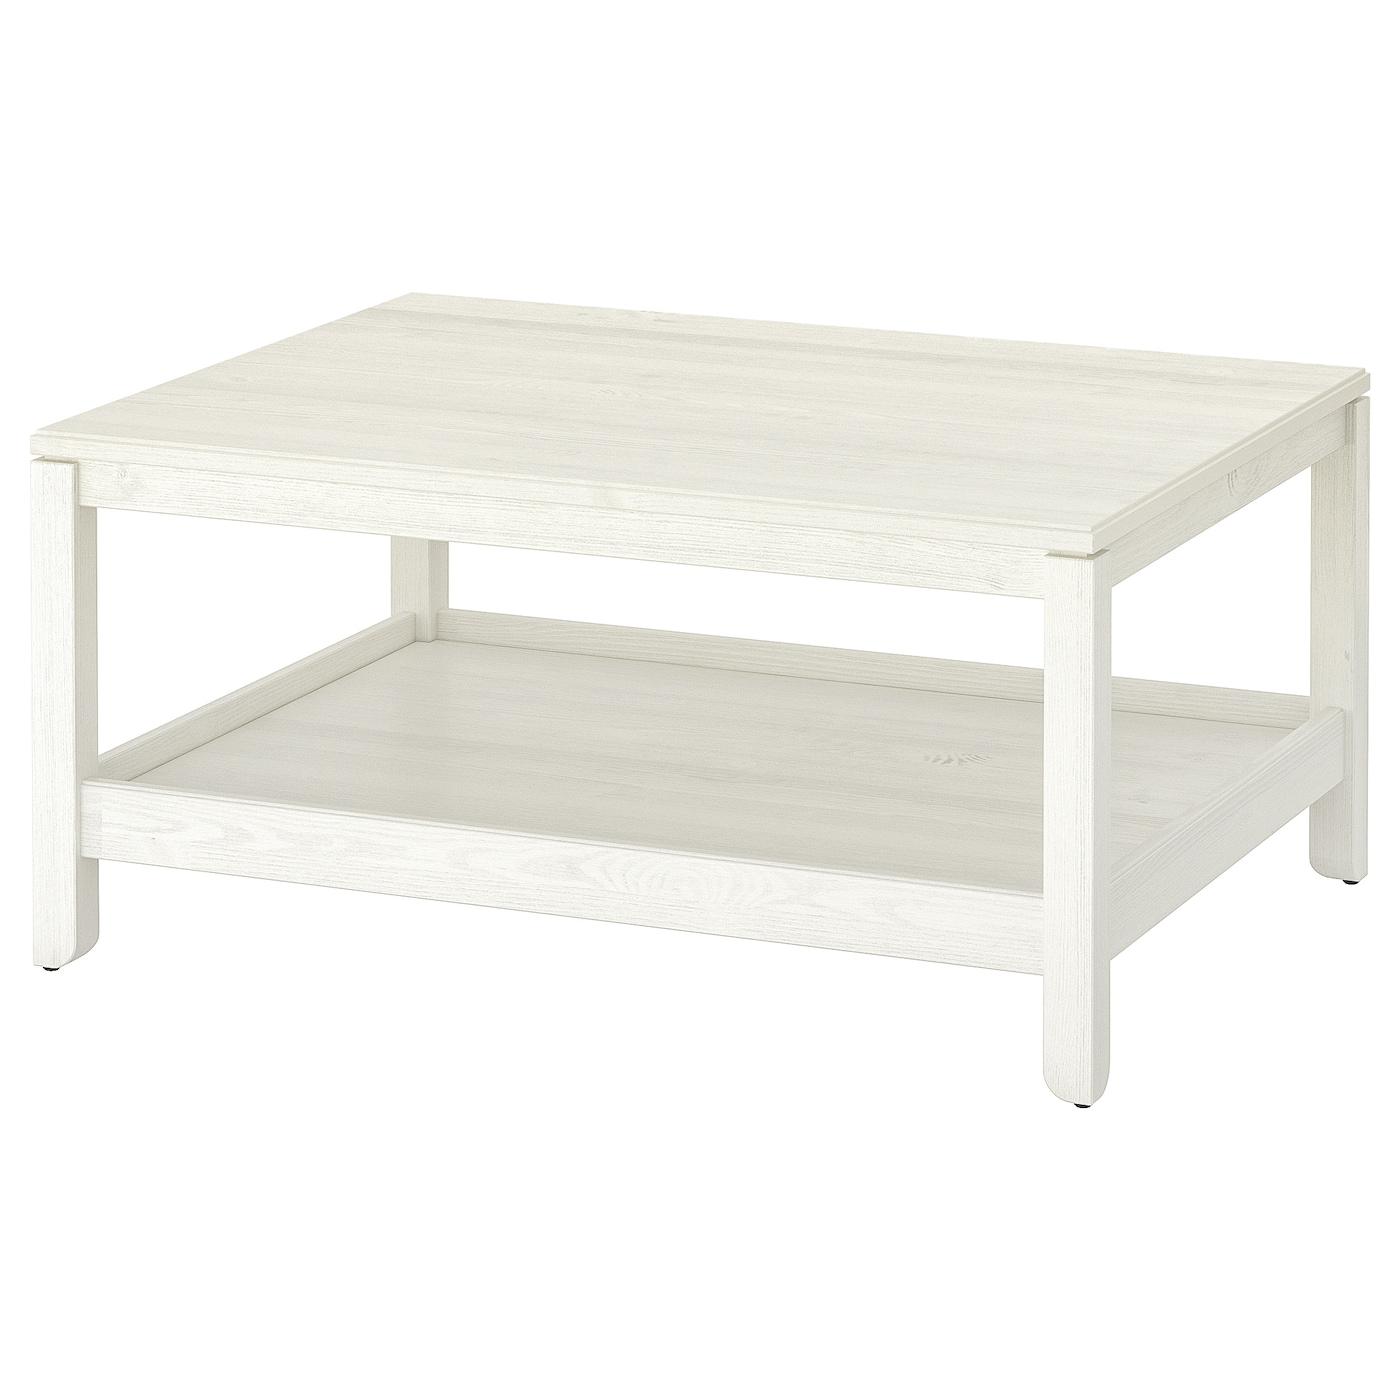 IKEA HAVSTA Stolik, biały, 100x75 cm